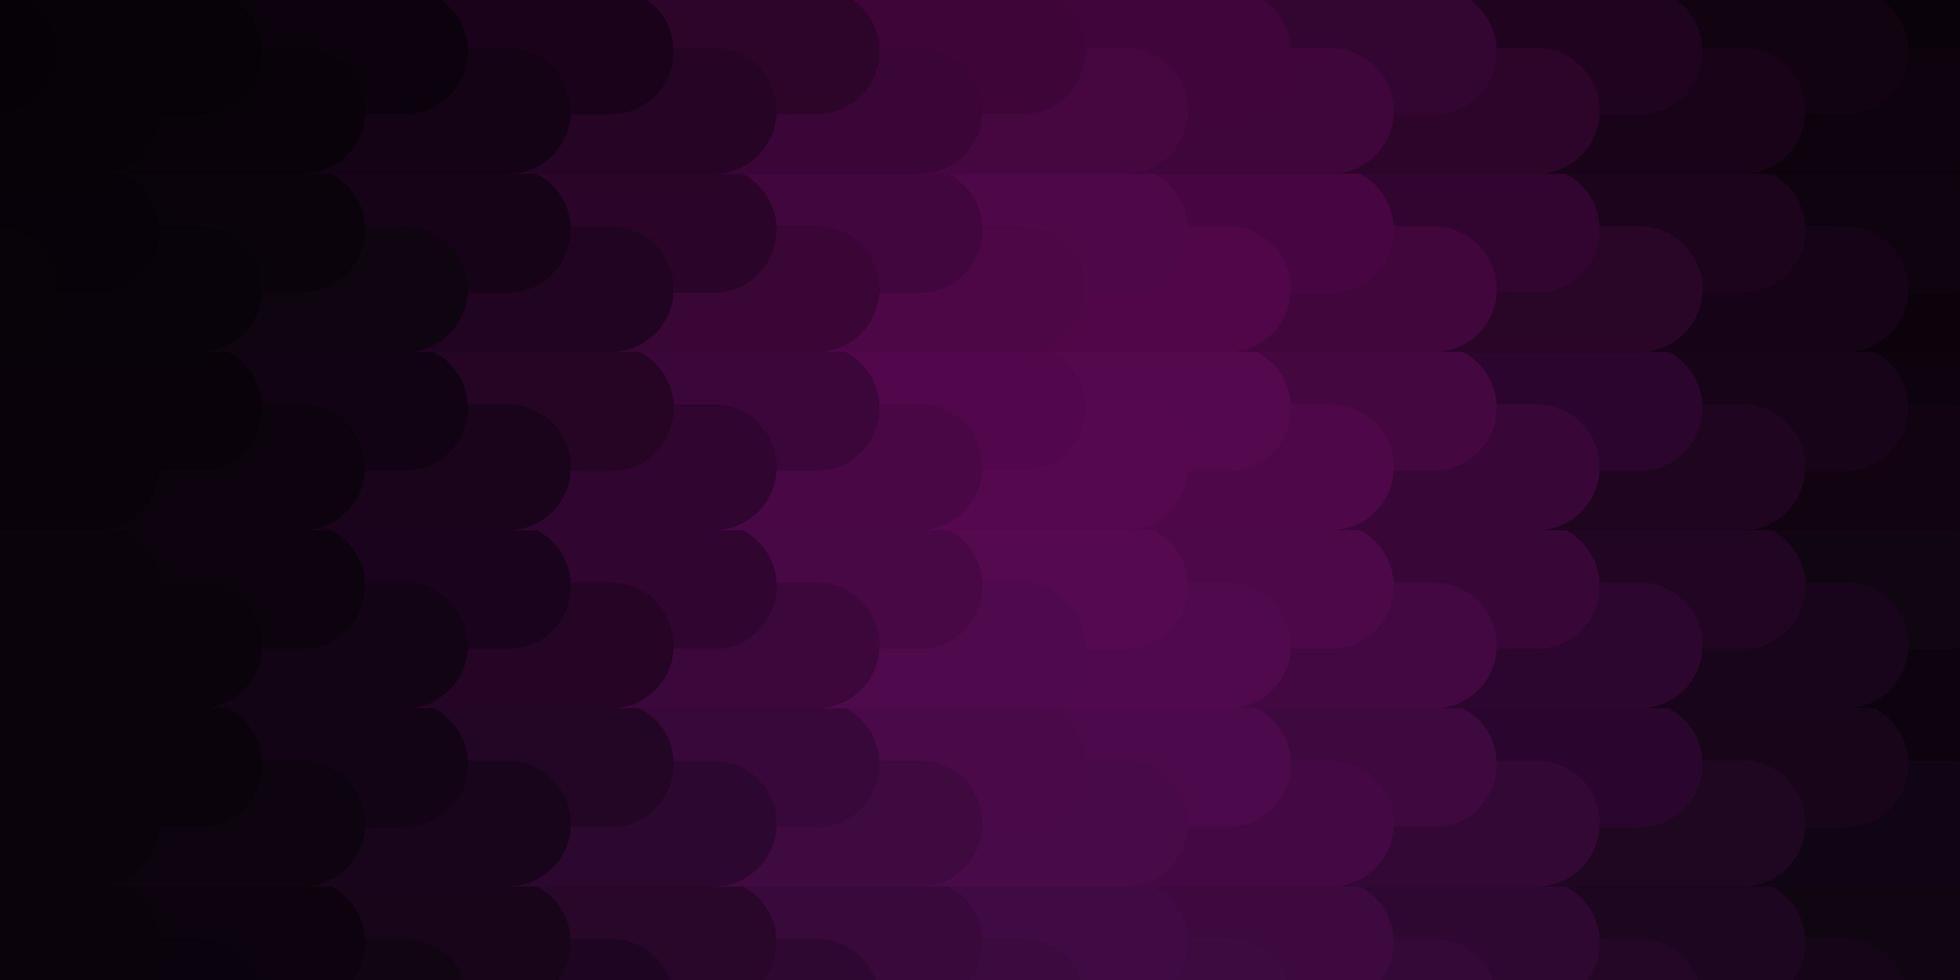 dunkelrosa Vektorlayout mit Linien. vektor